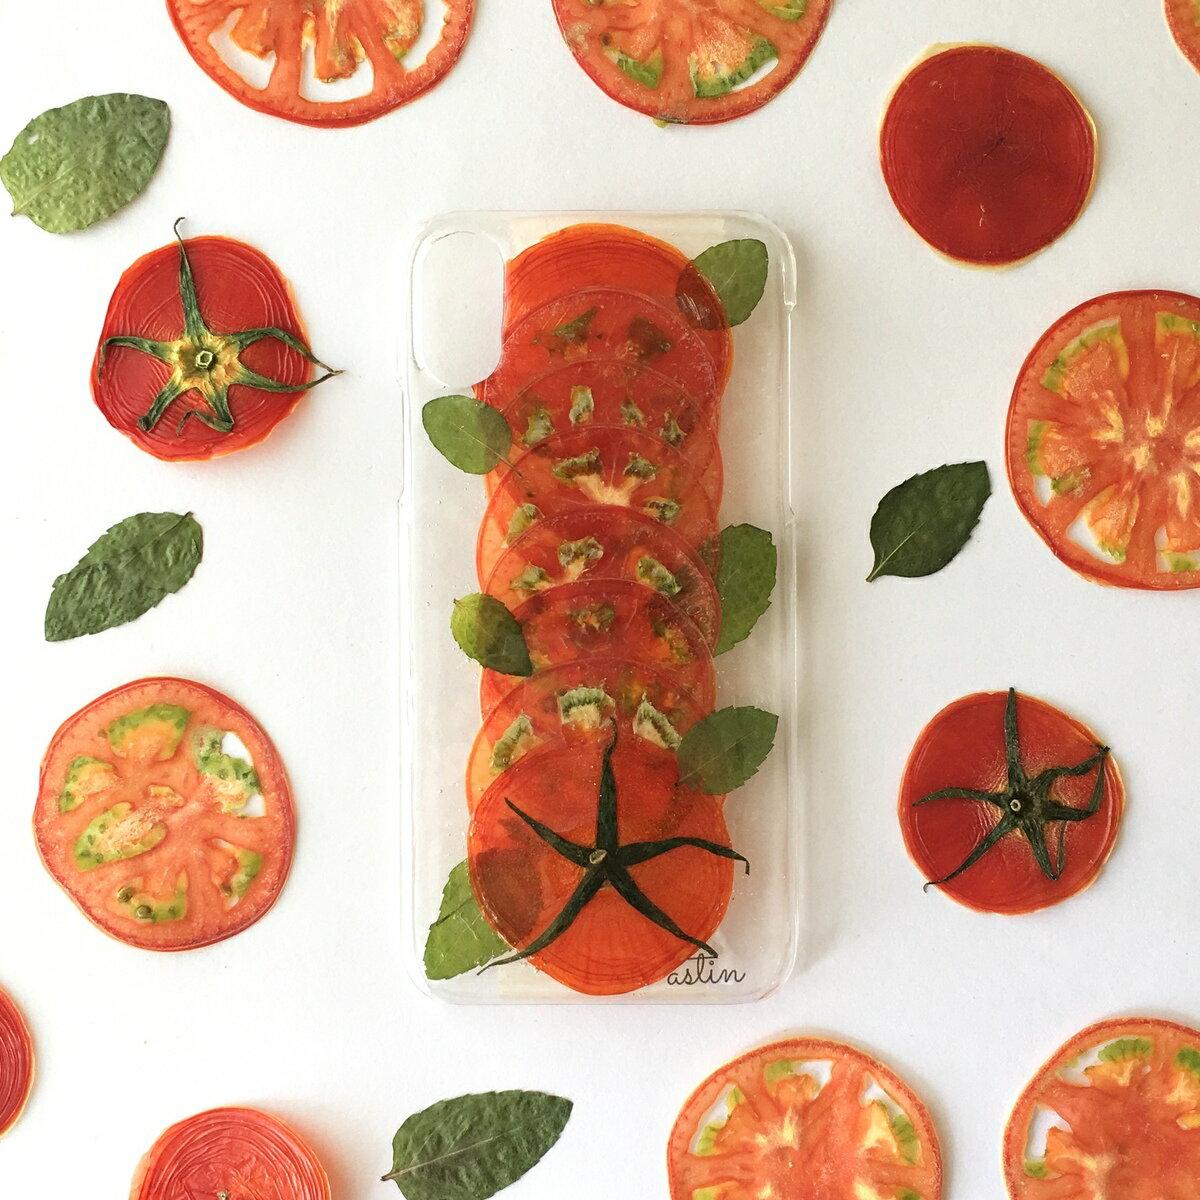 トマト!とまと!トマト! 押し野菜 押しフルーツ トマト 野菜 とまと 全機種対応 iPhone XS ケース iPhone XR iPhone XS max ケース iphone x ケース iphone8 iphone7ケース スマホ iphone8Plus アメーラ